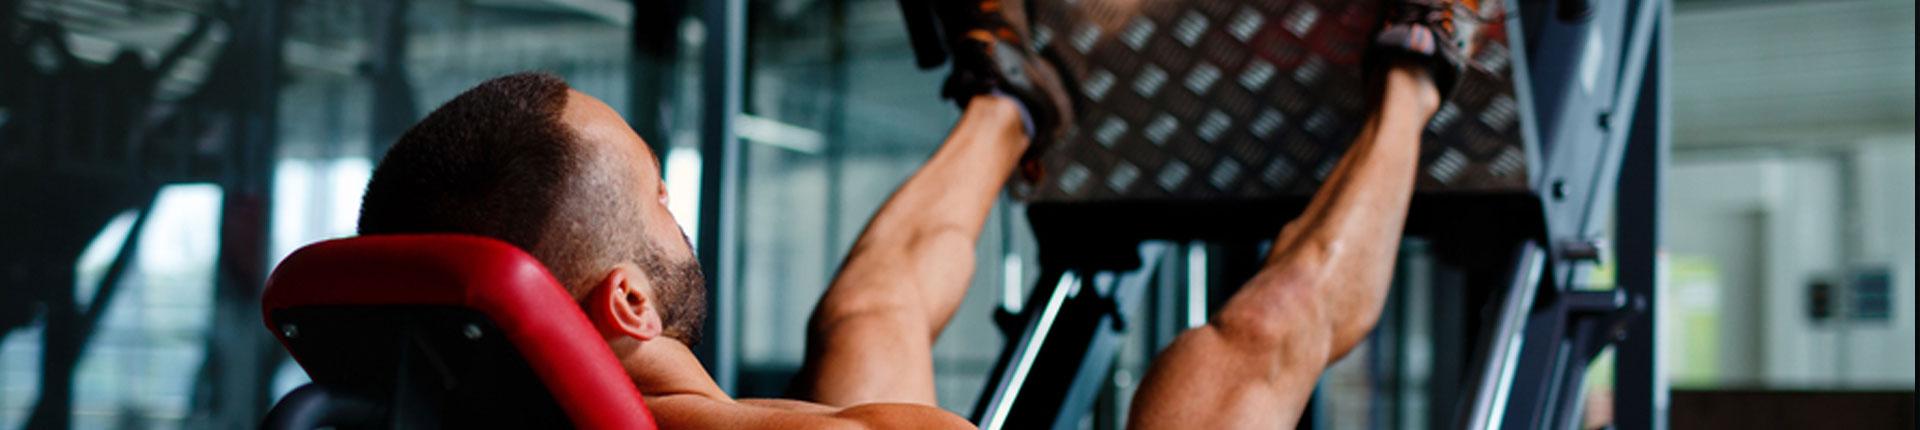 5 błędów podczas wyciskania nogami na suwnicy